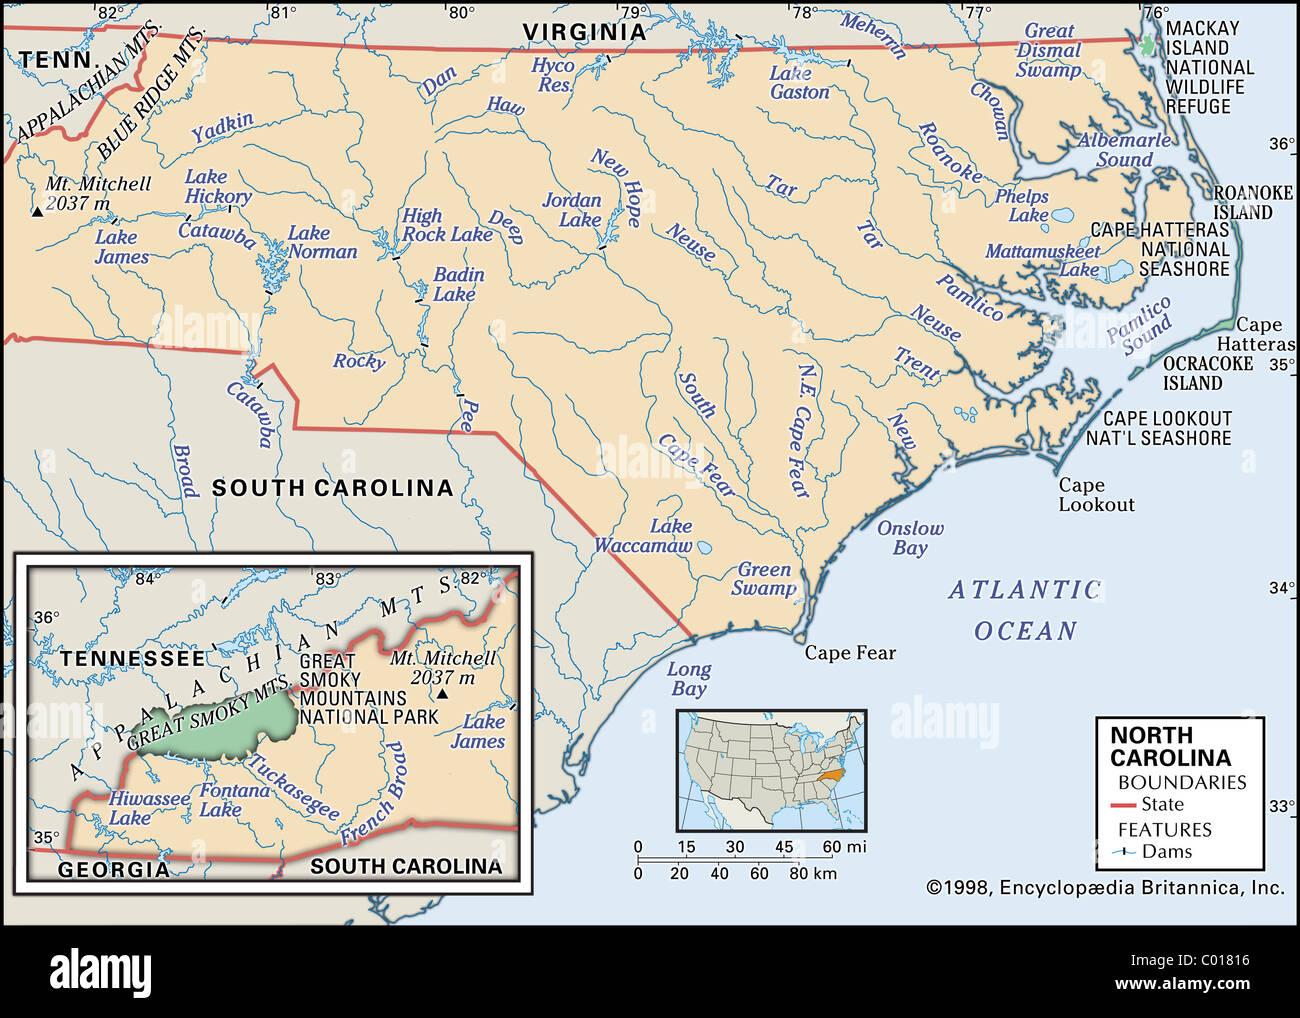 Physical Map Of North Carolina Stock Photo Royalty Free